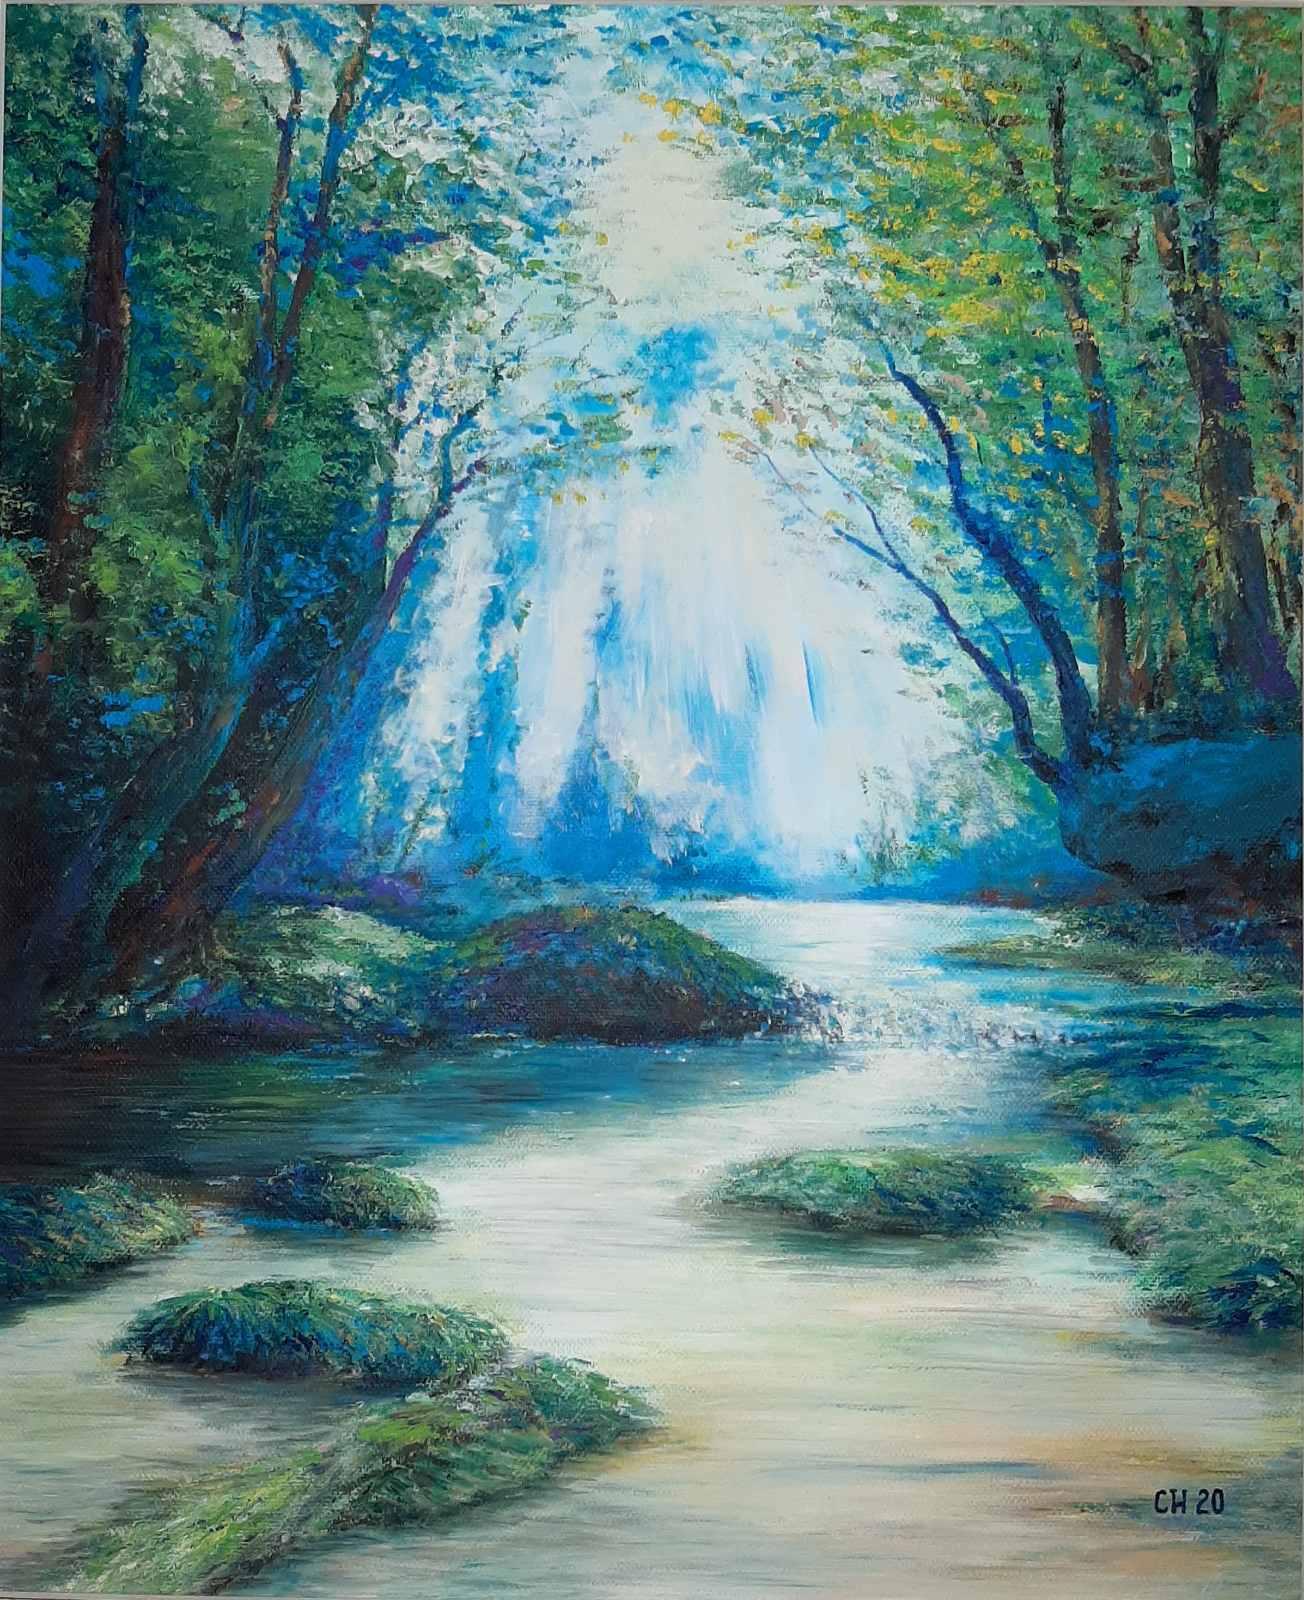 Атлантида и връзката между Настоящия и Бъдещ АЗ като част от пътя към крайната цел на Душата